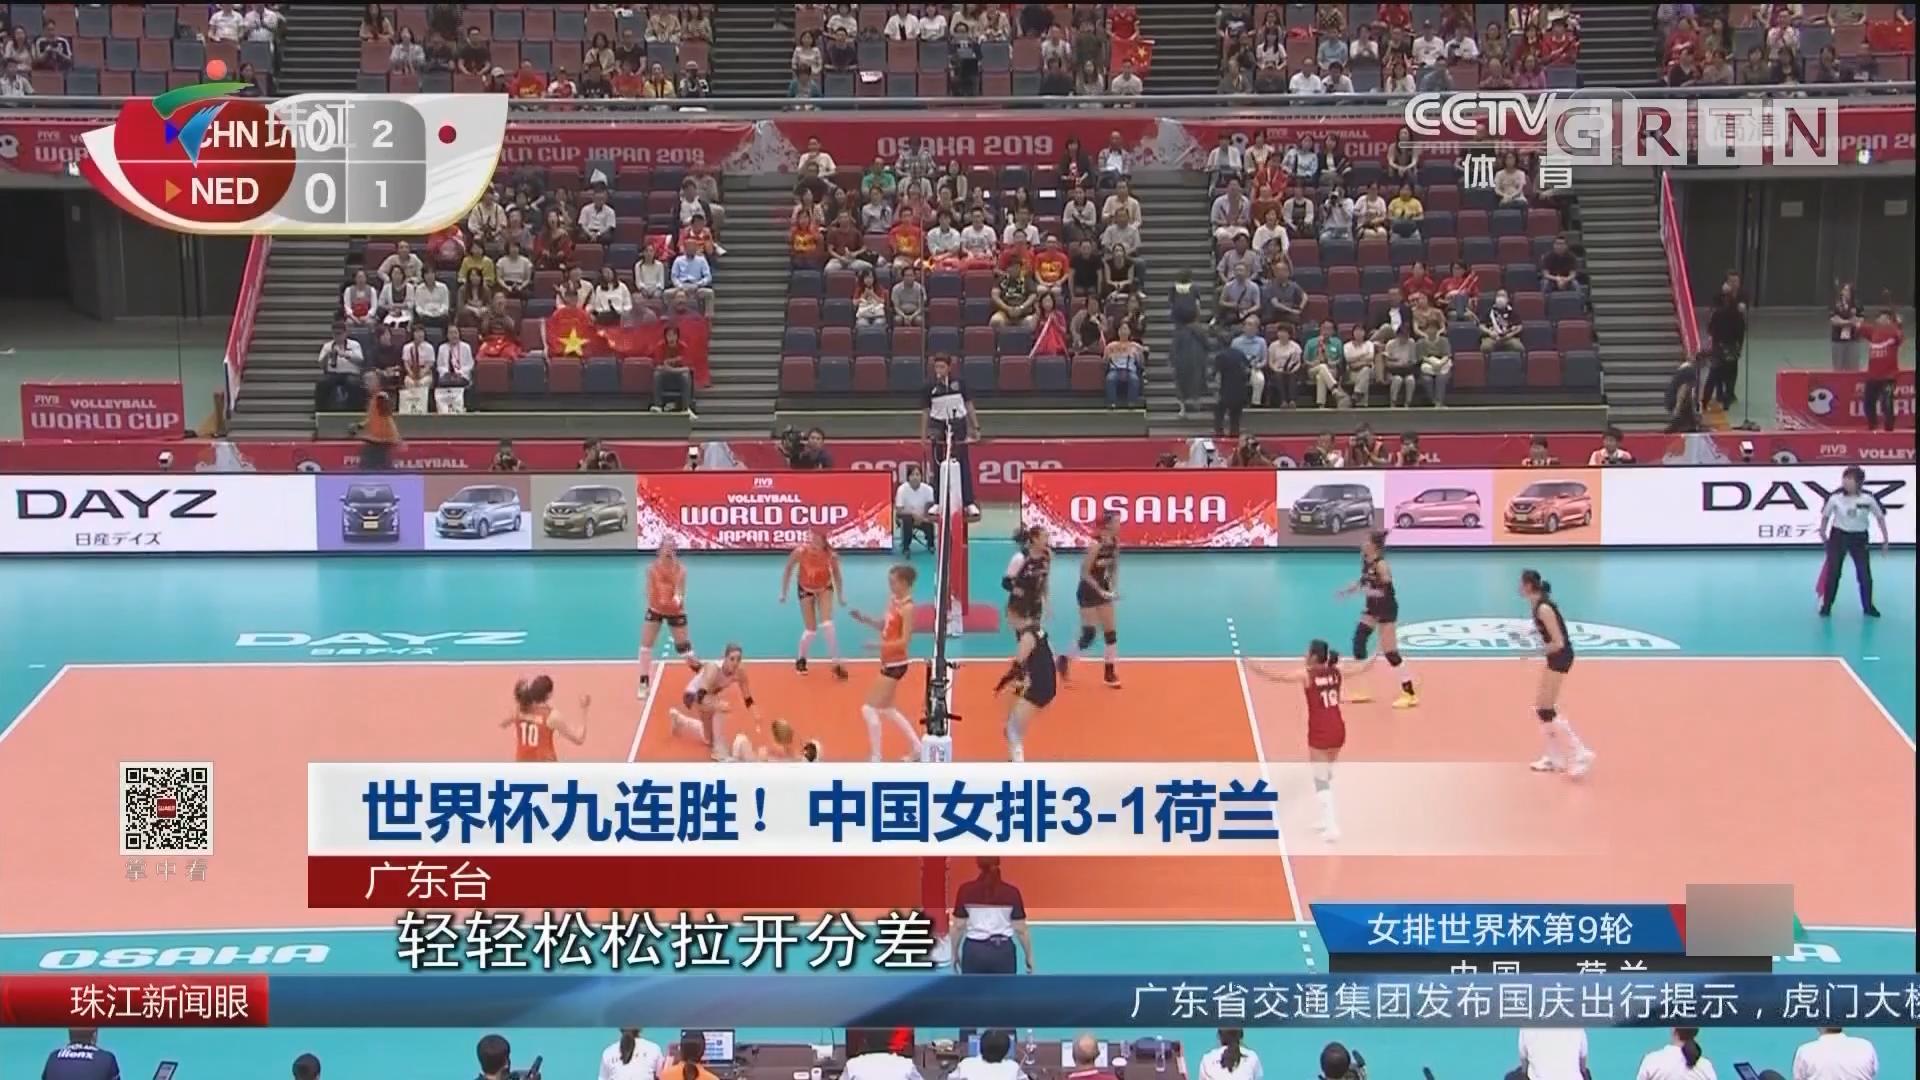 世界杯九連勝!中國女排3-1荷蘭